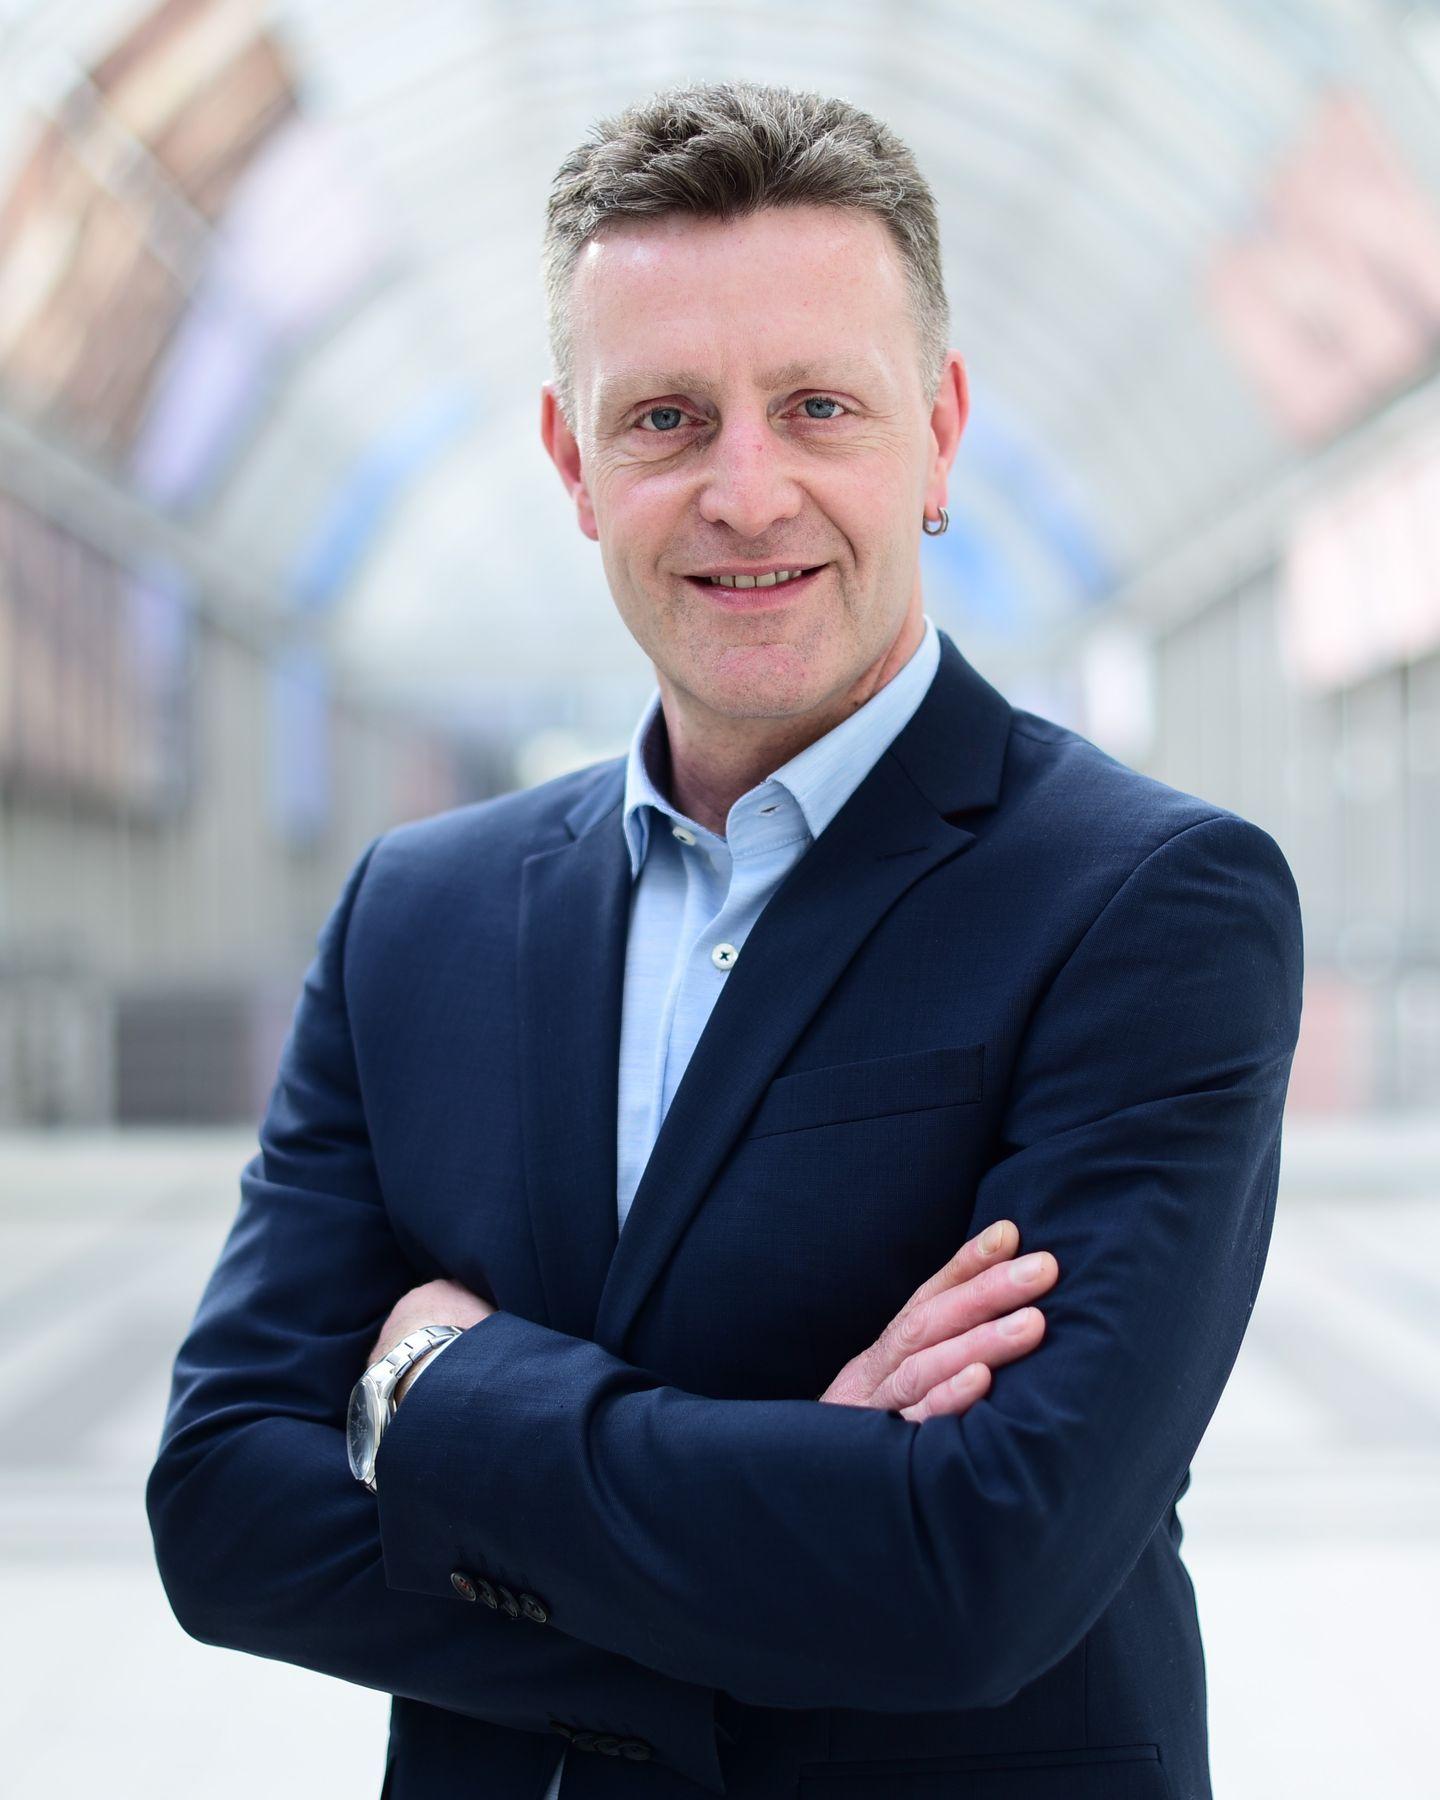 Thomas Helpap übernimmt den Vertrieb von sachs products GmbH in Norddeutschland.